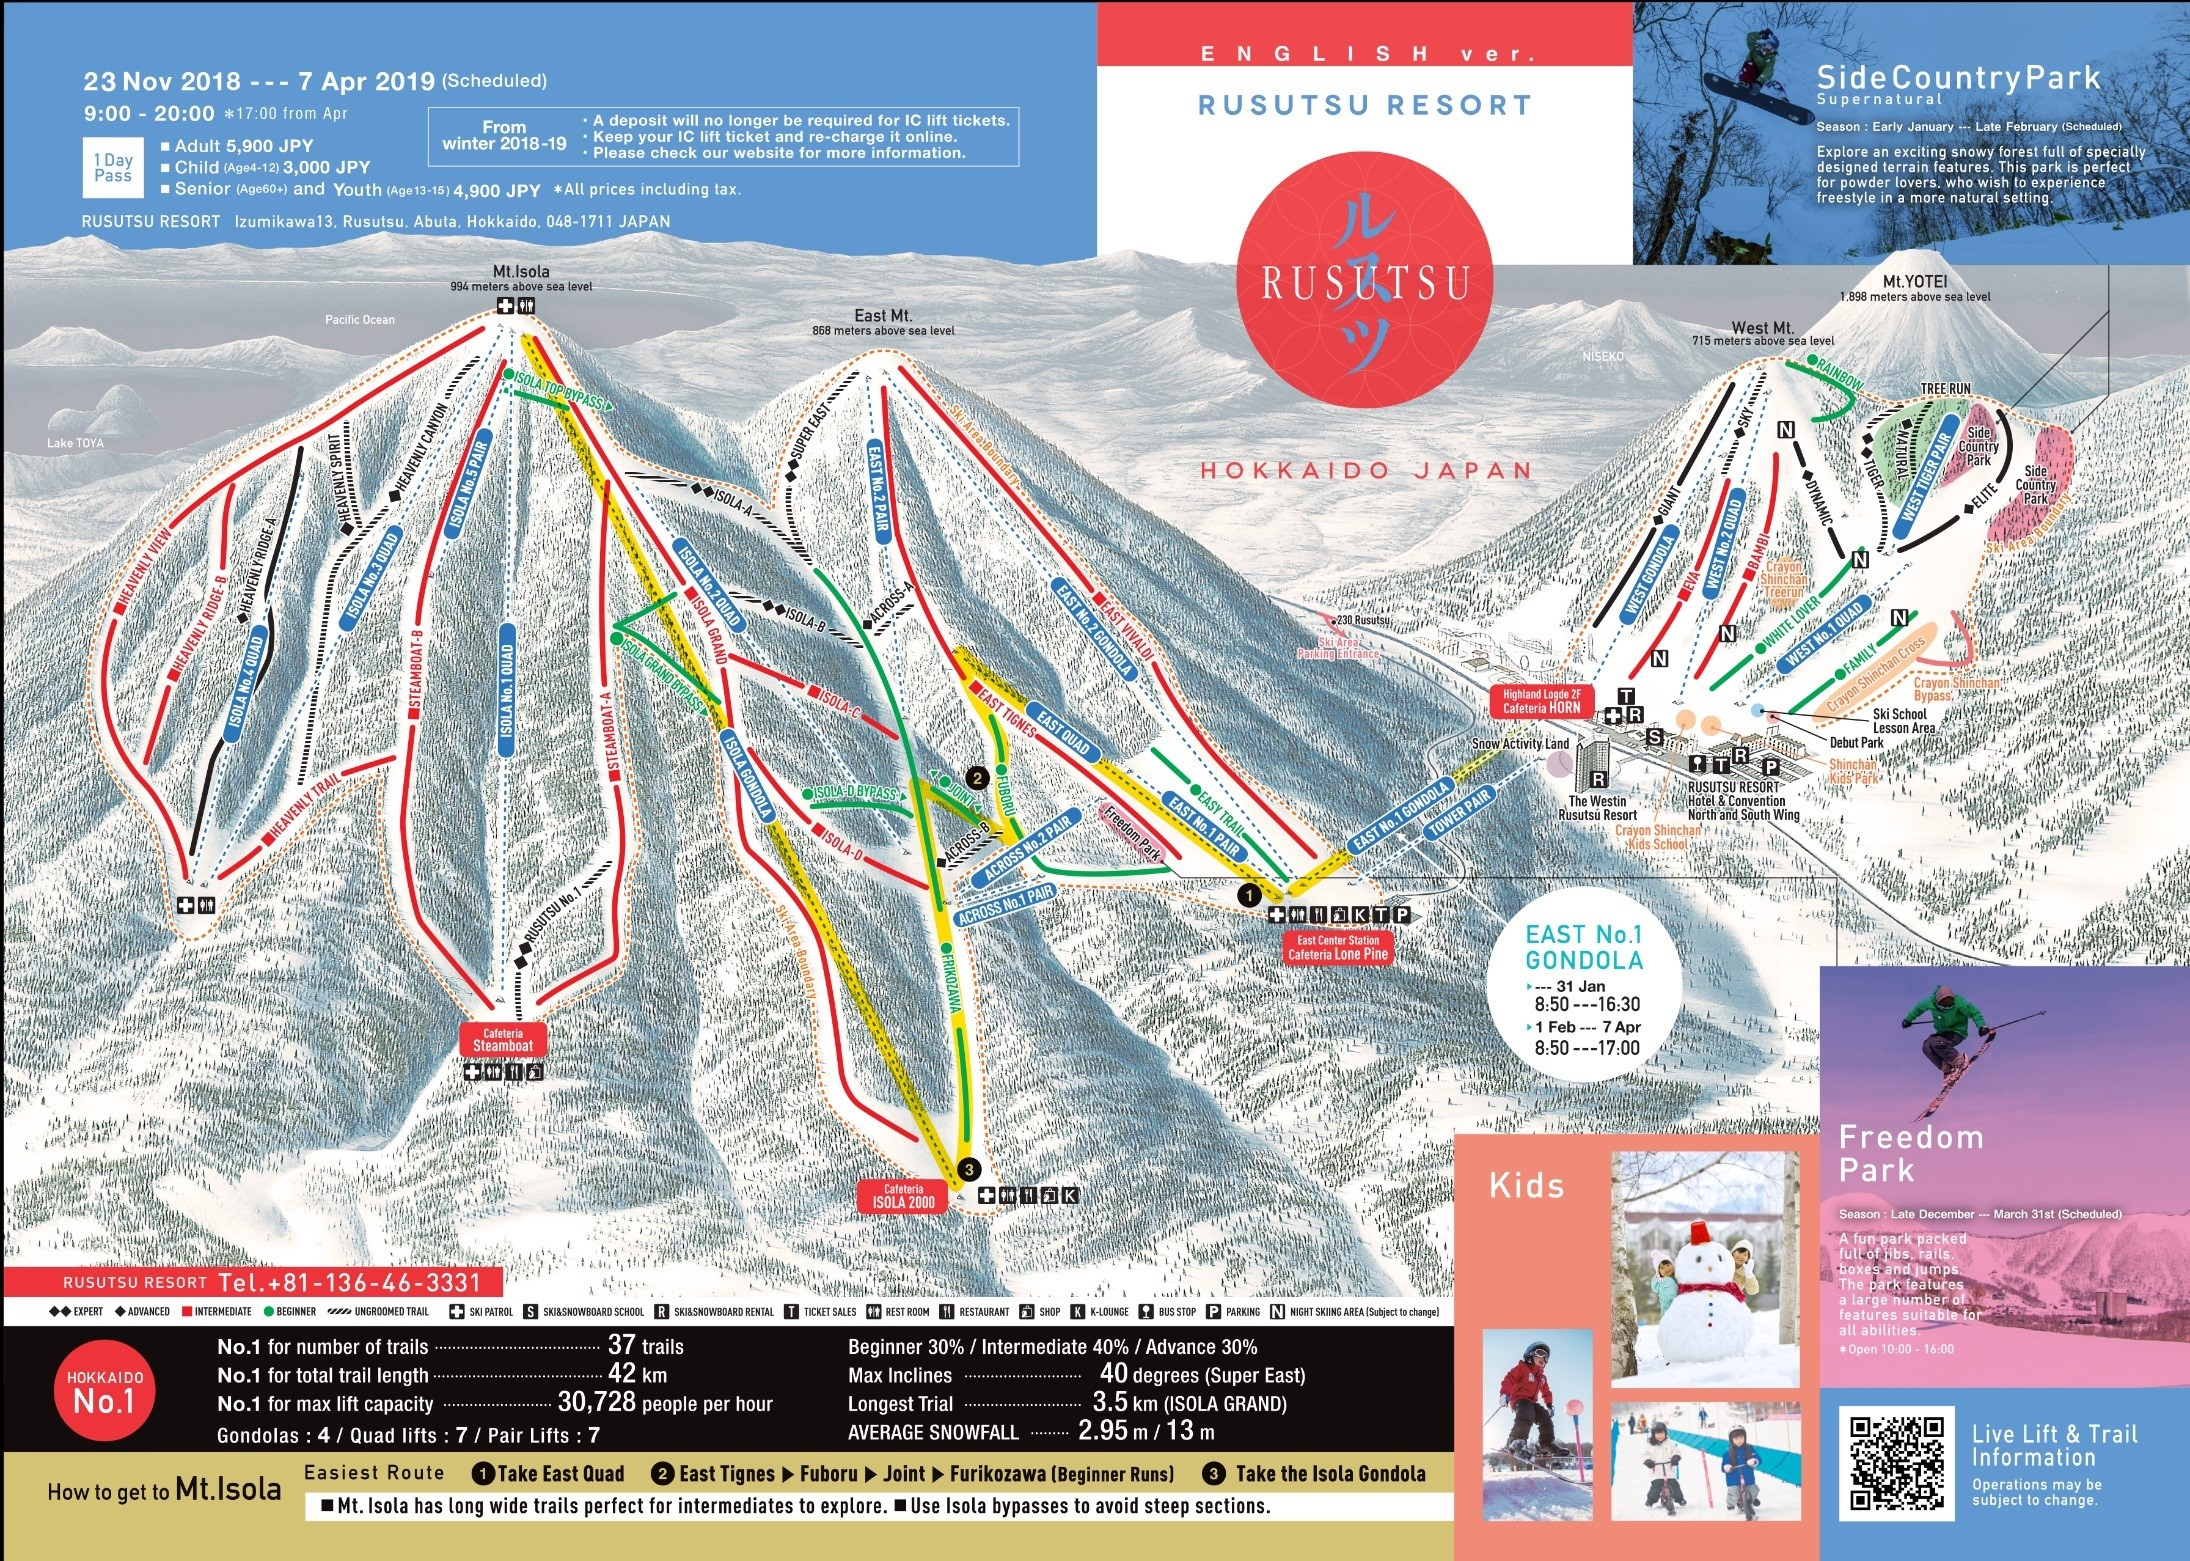 留壽都滑雪場雪道介紹